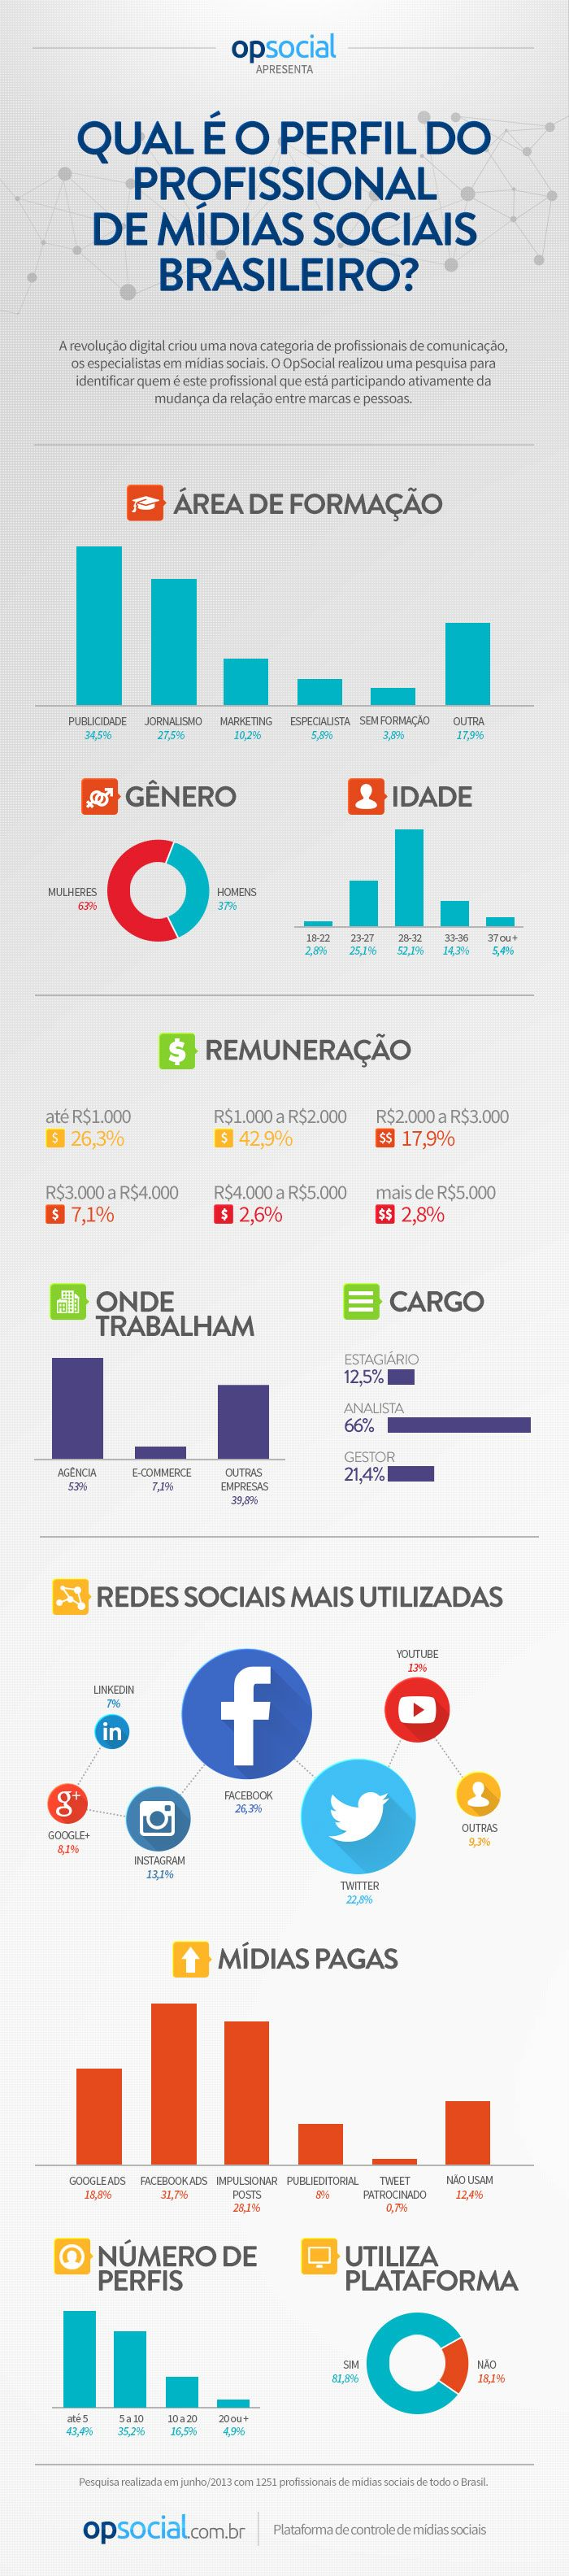 Qual é o perfil do profissional de mídias sociais brasileiro?